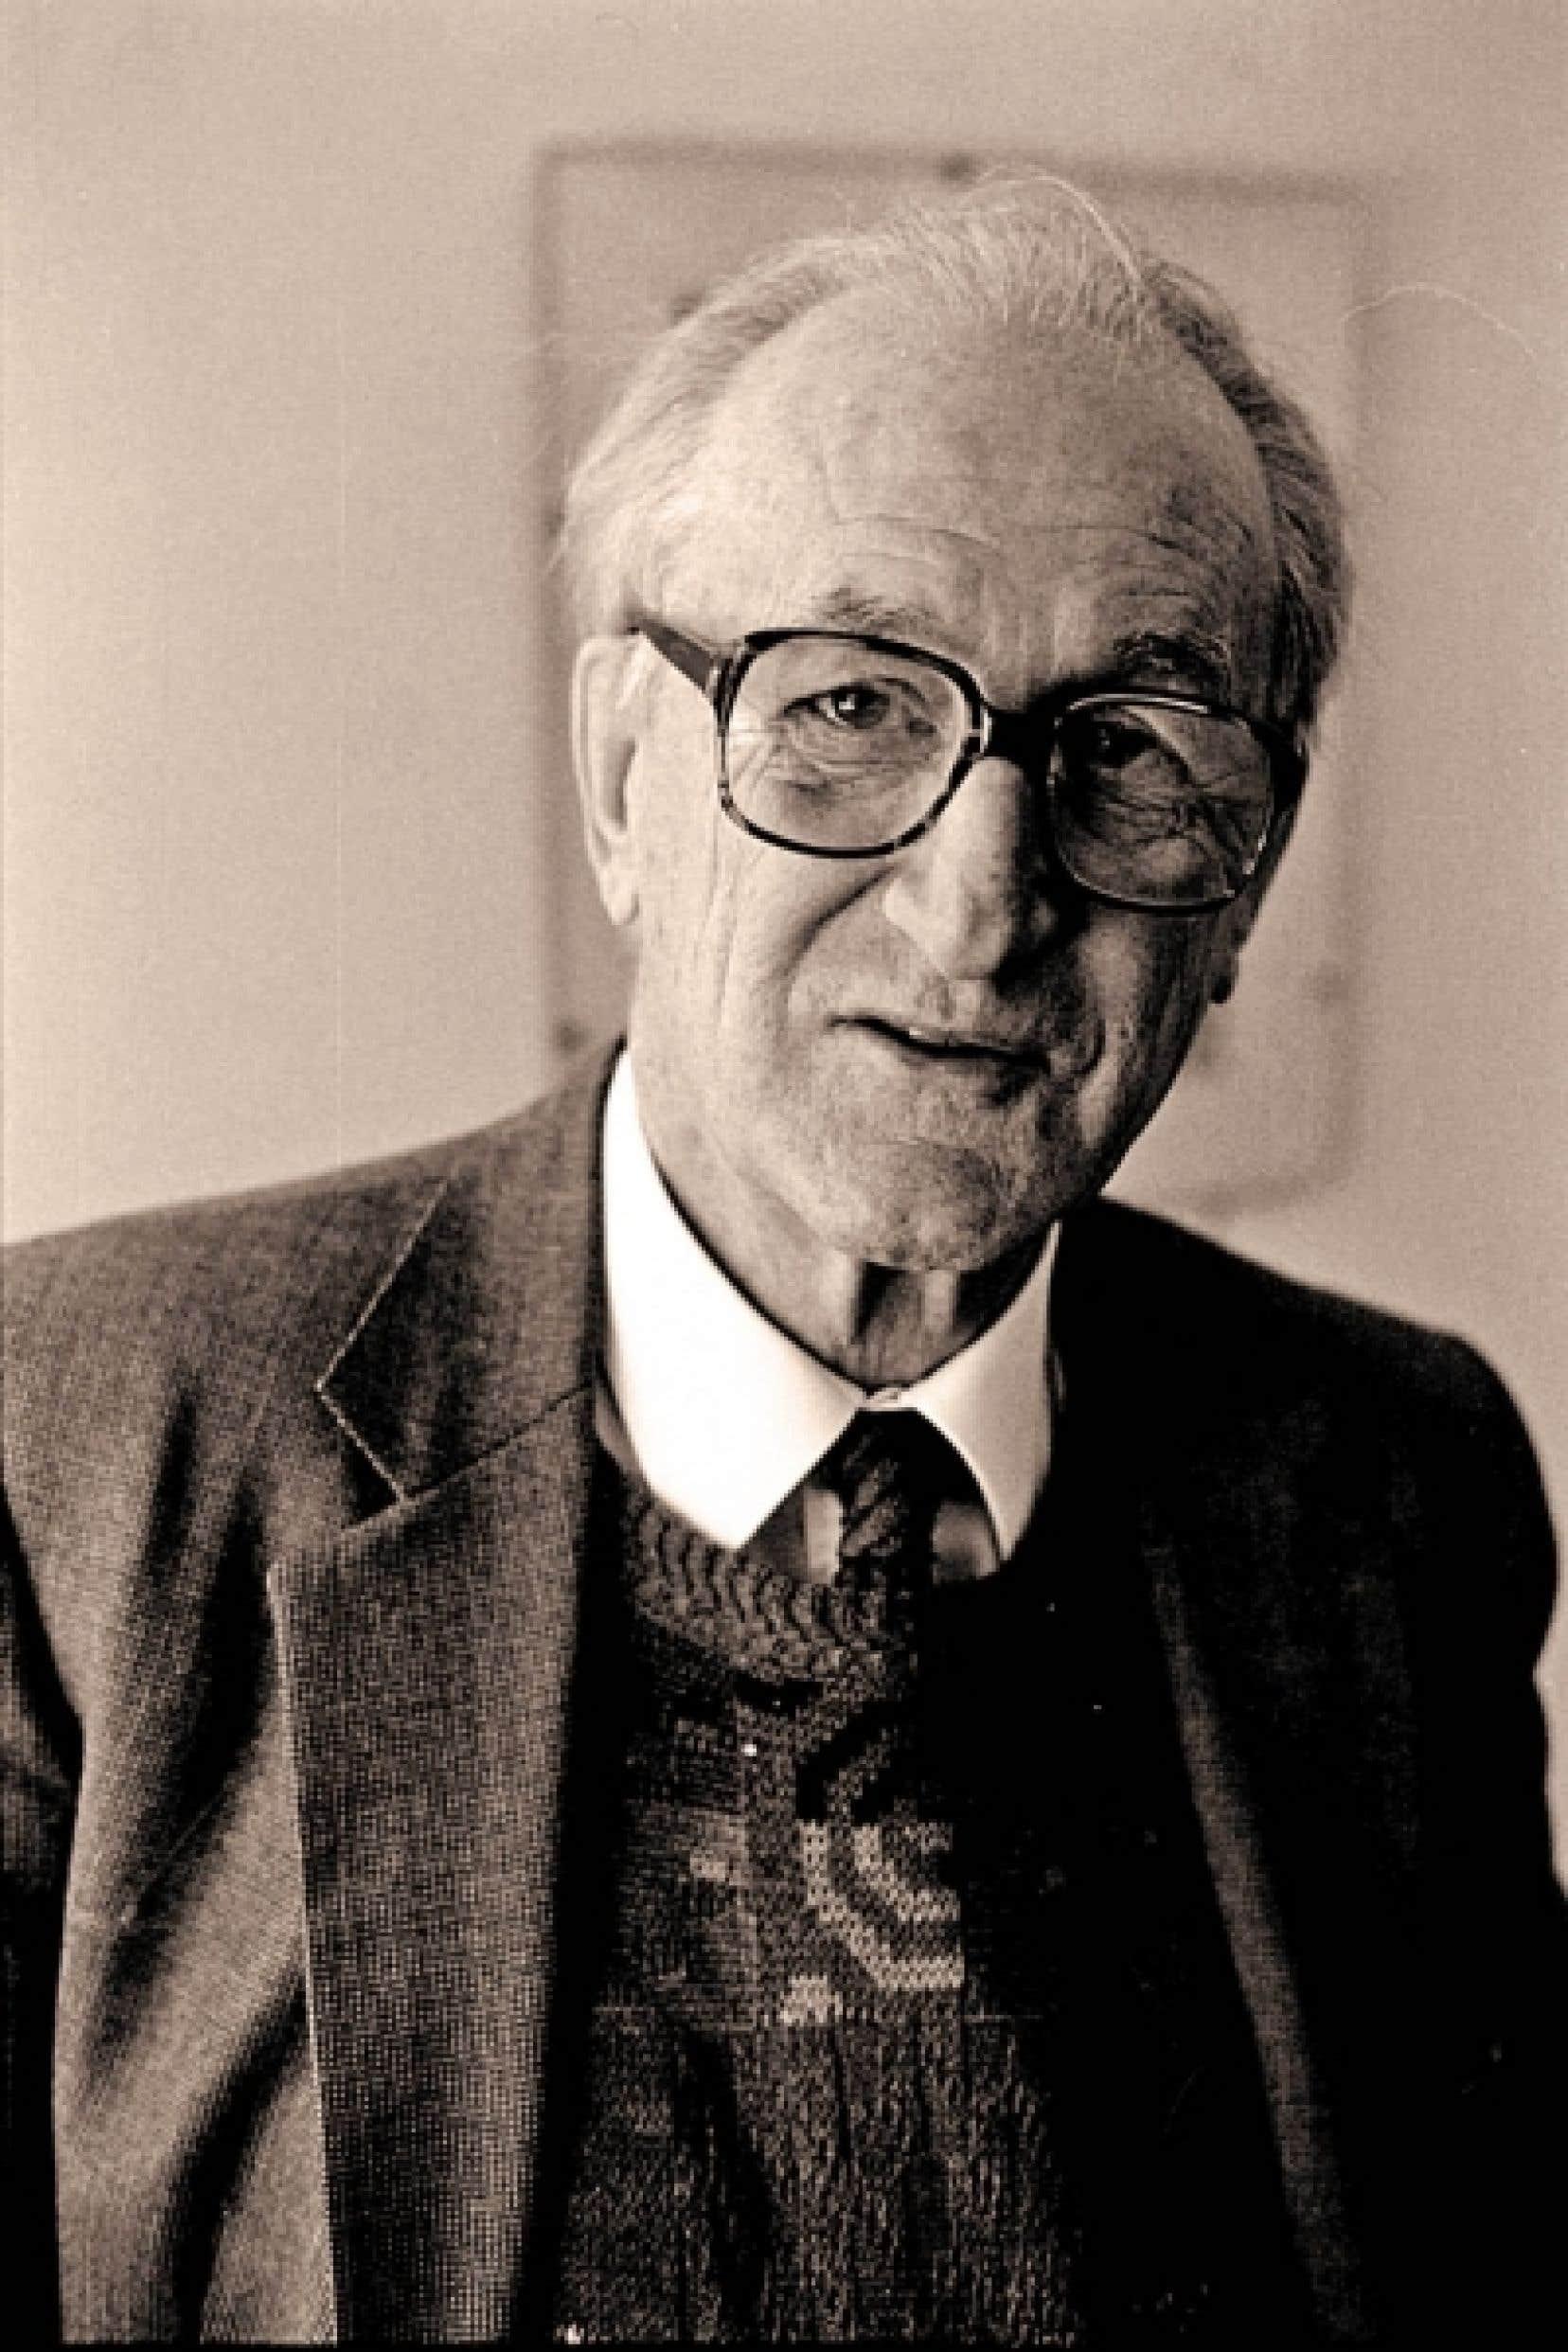 L'un des phares de la littérature québécoise, l'écrivain Pierre Vadeboncœur est mort tôt hier matin à Montréal, emporté par une très brève maladie.